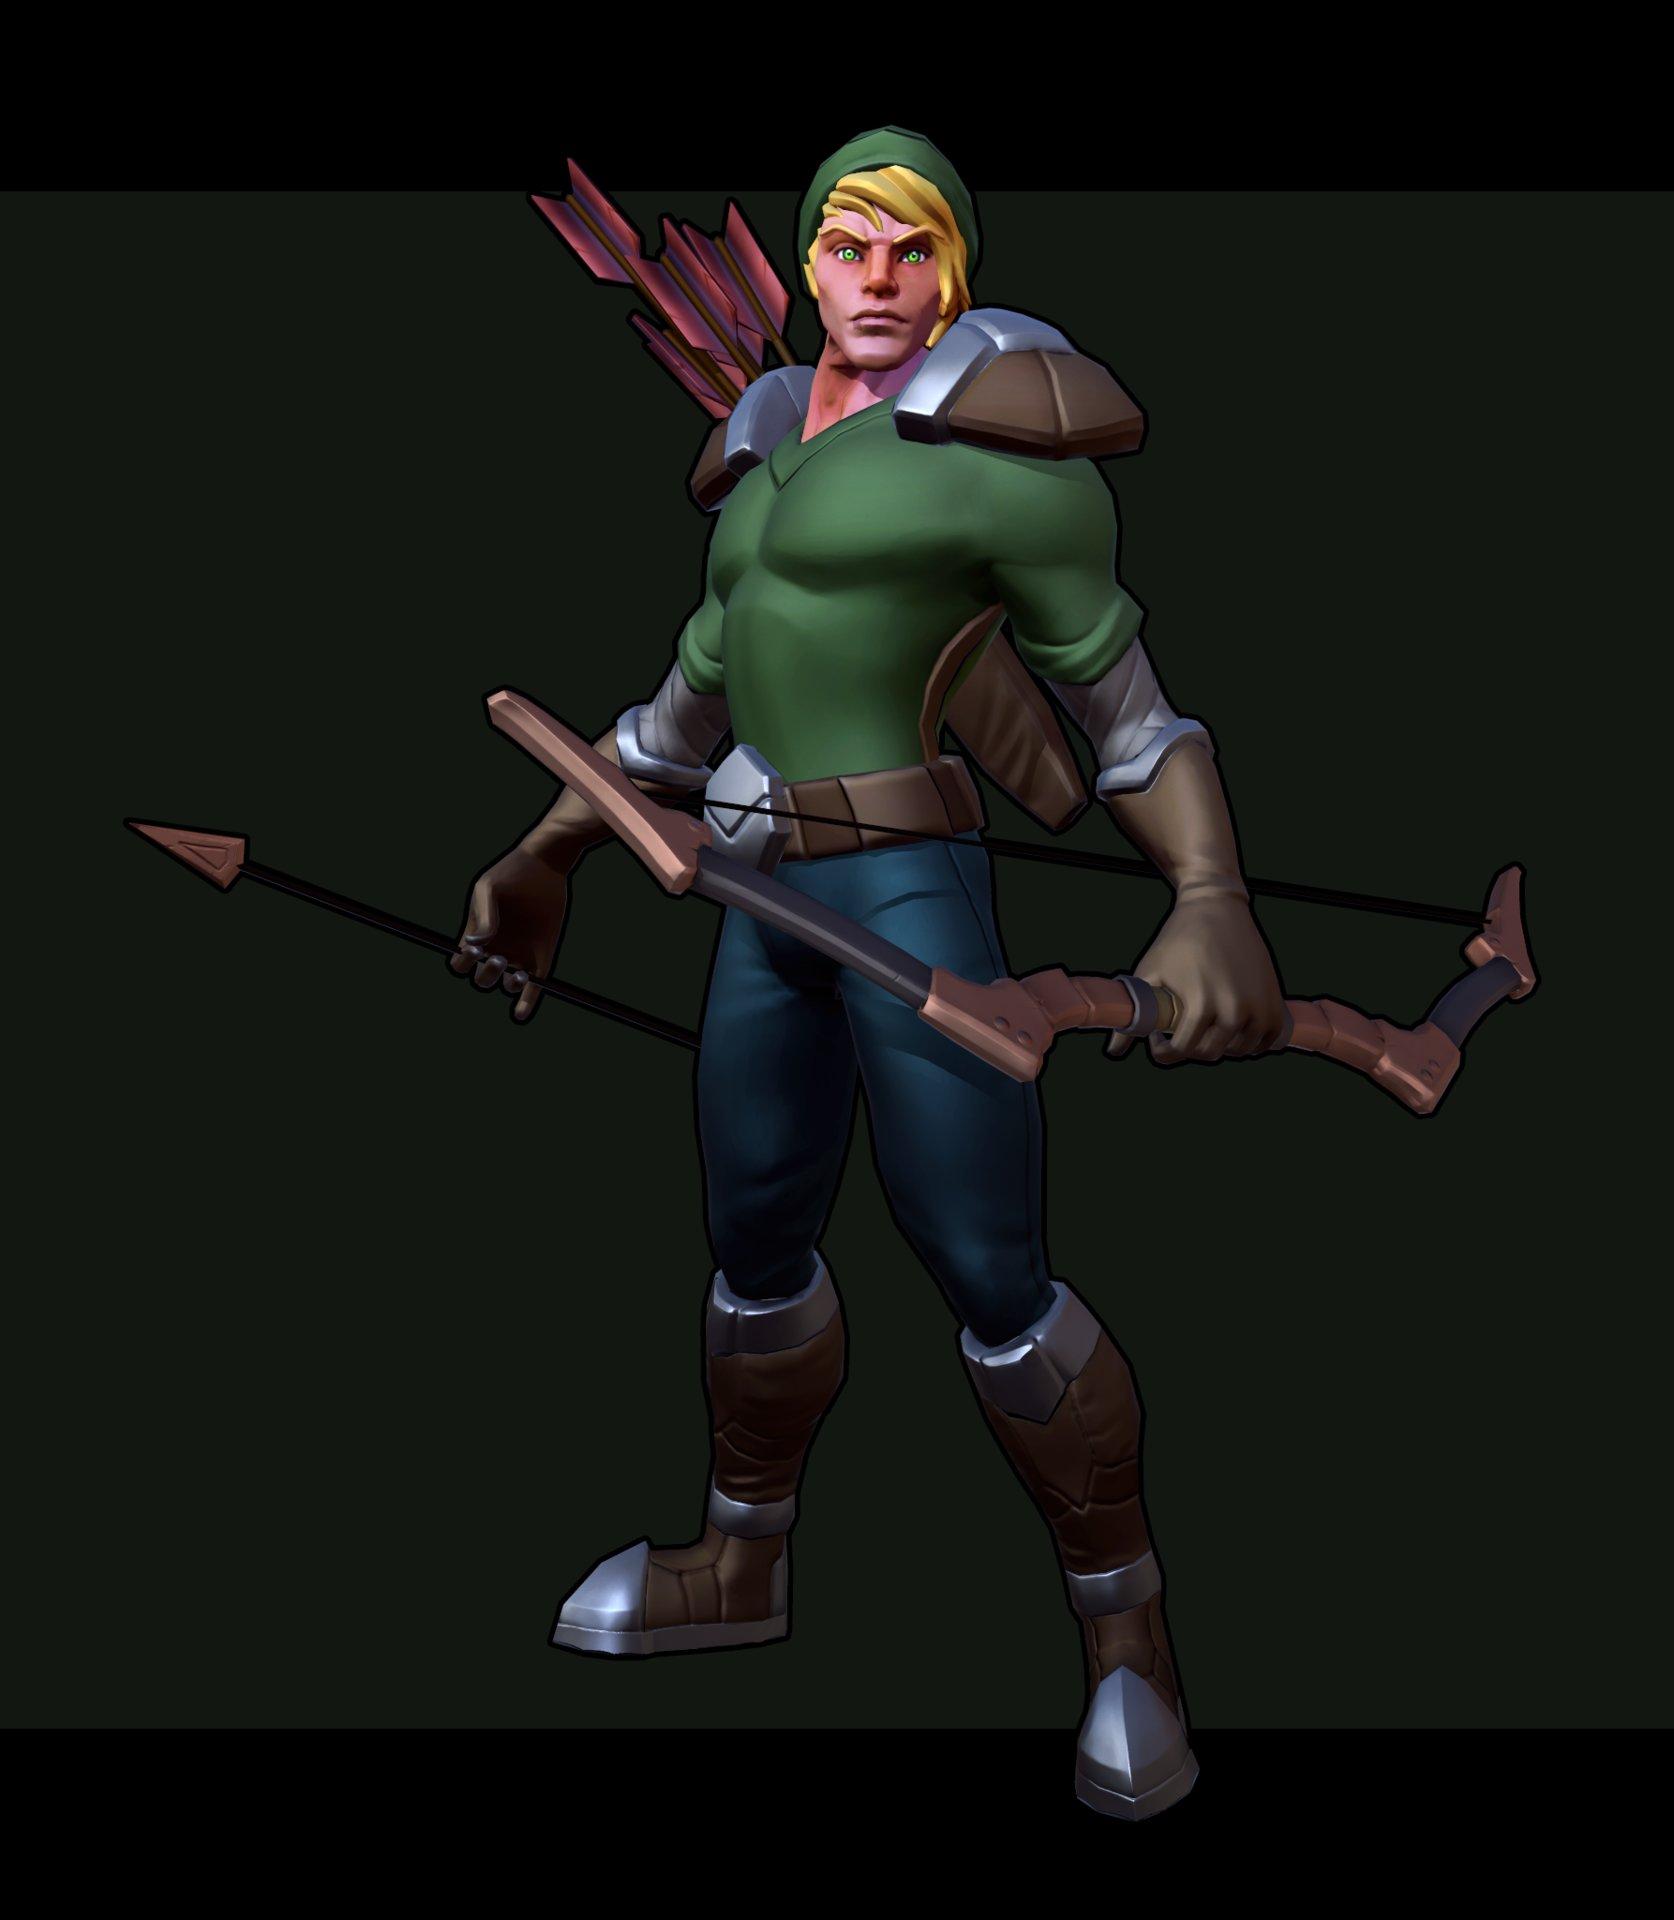 overpower-game-ranger-malerender.jpg?1427766155